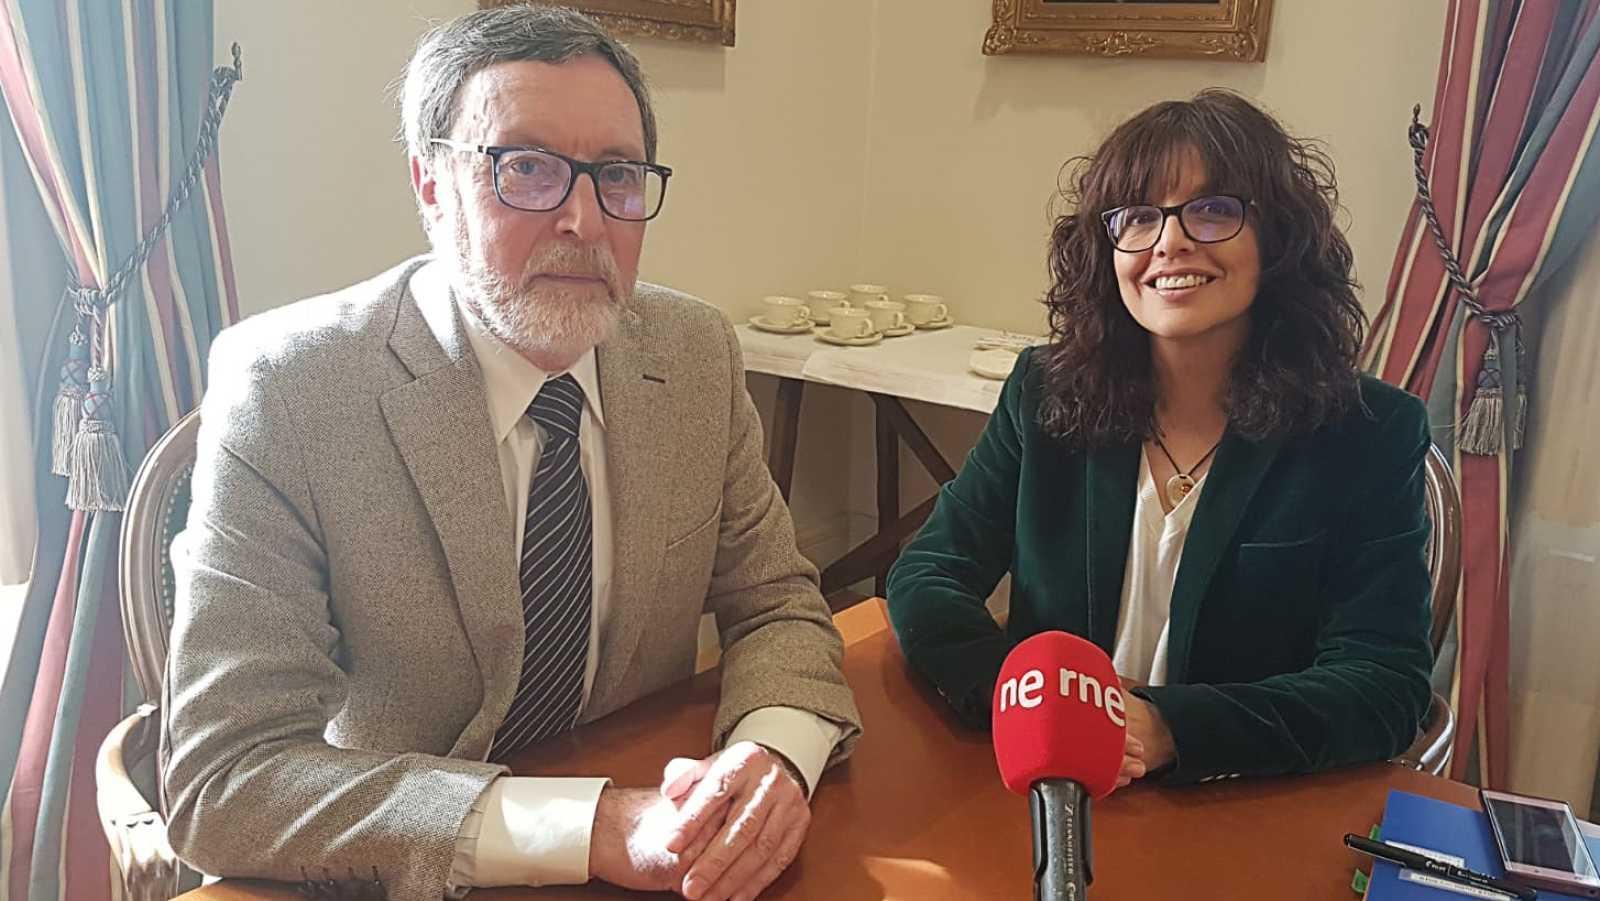 Un idioma sin fronteras - El Corpes XXI, con Guillermo Rojo - 13/03/19 - escuchar ahora